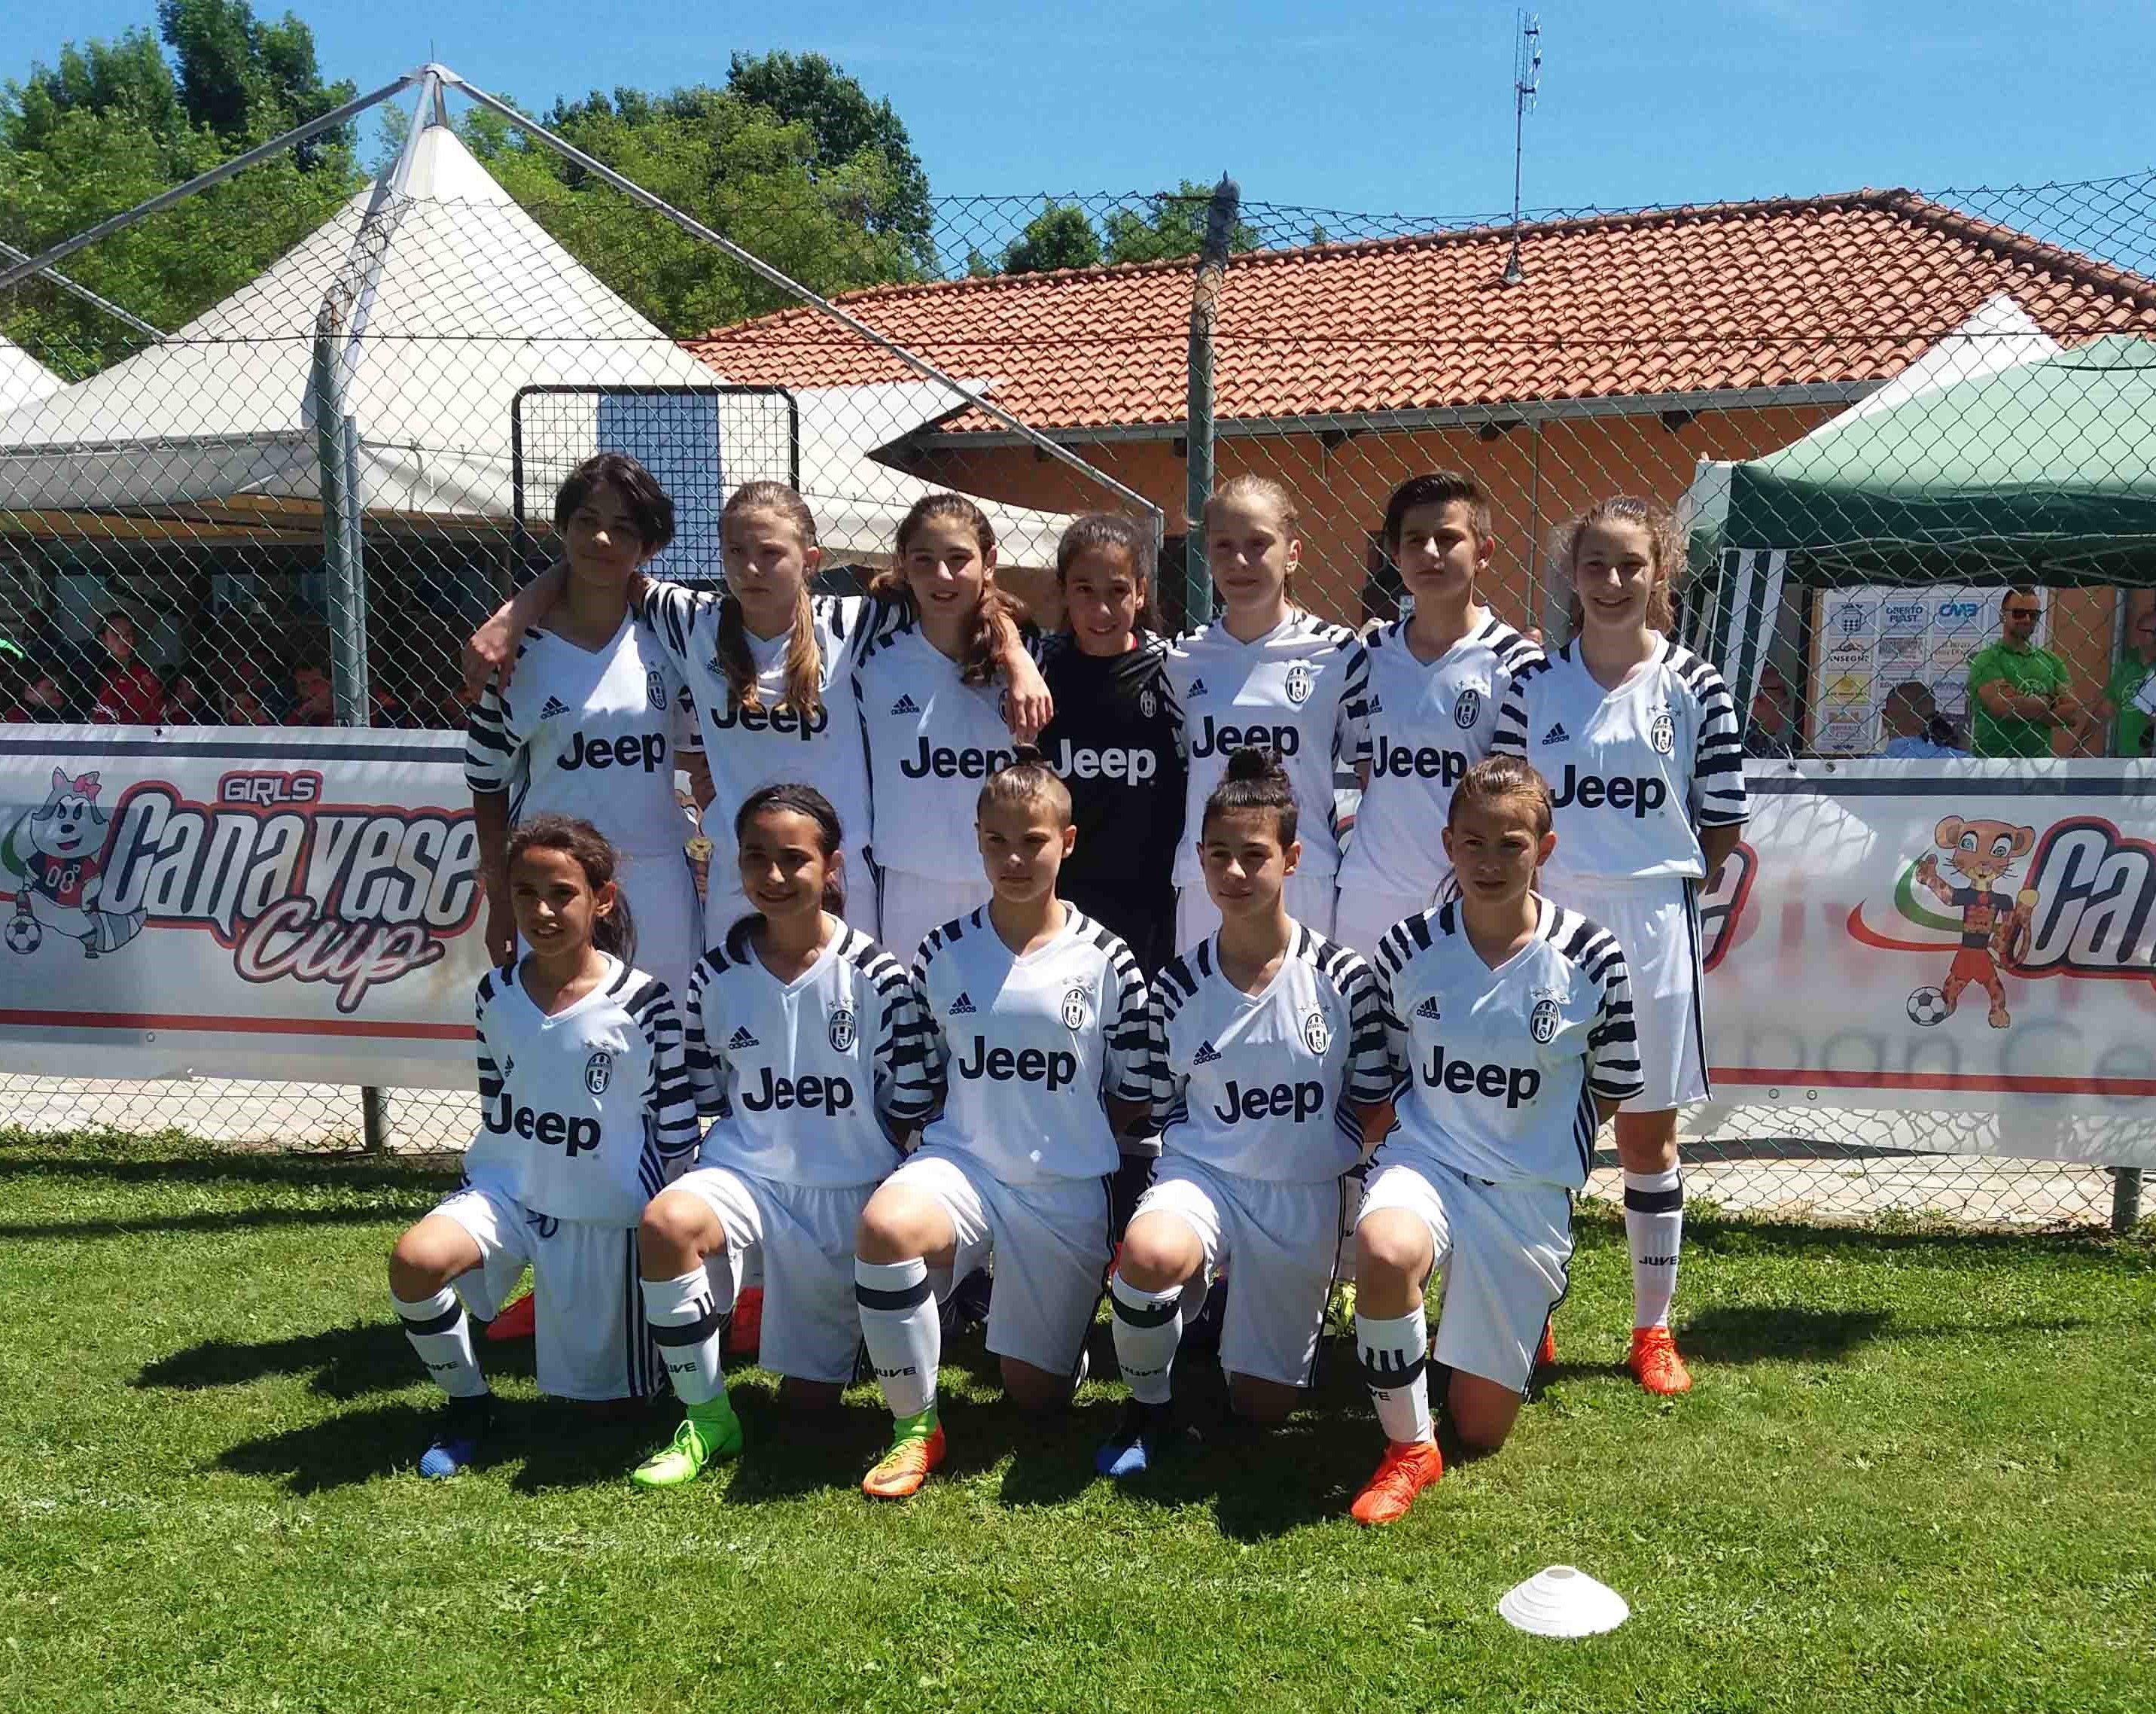 CALCIO - La Juventus vince tutto: anche la «Canavese Girls Cup» - FOTO